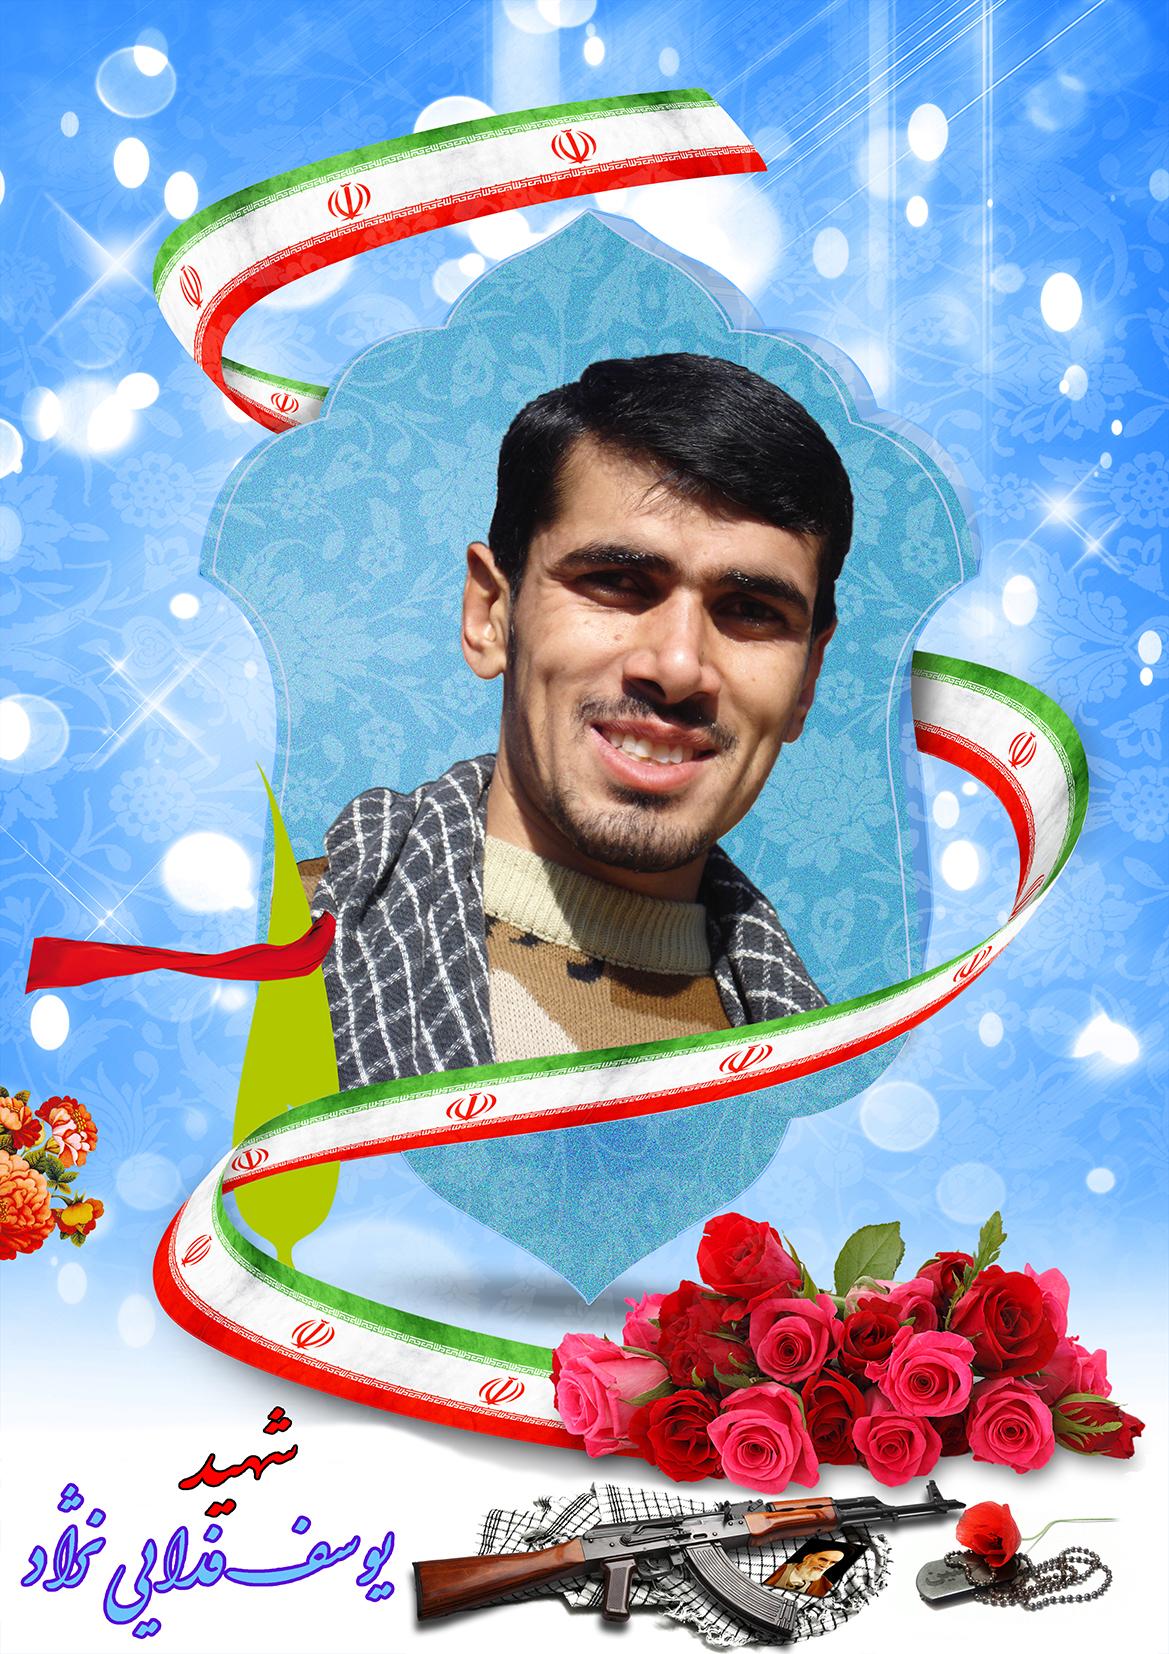 پوستر  عکس تصویر زمینه شهید یوسف فدایی نژاد